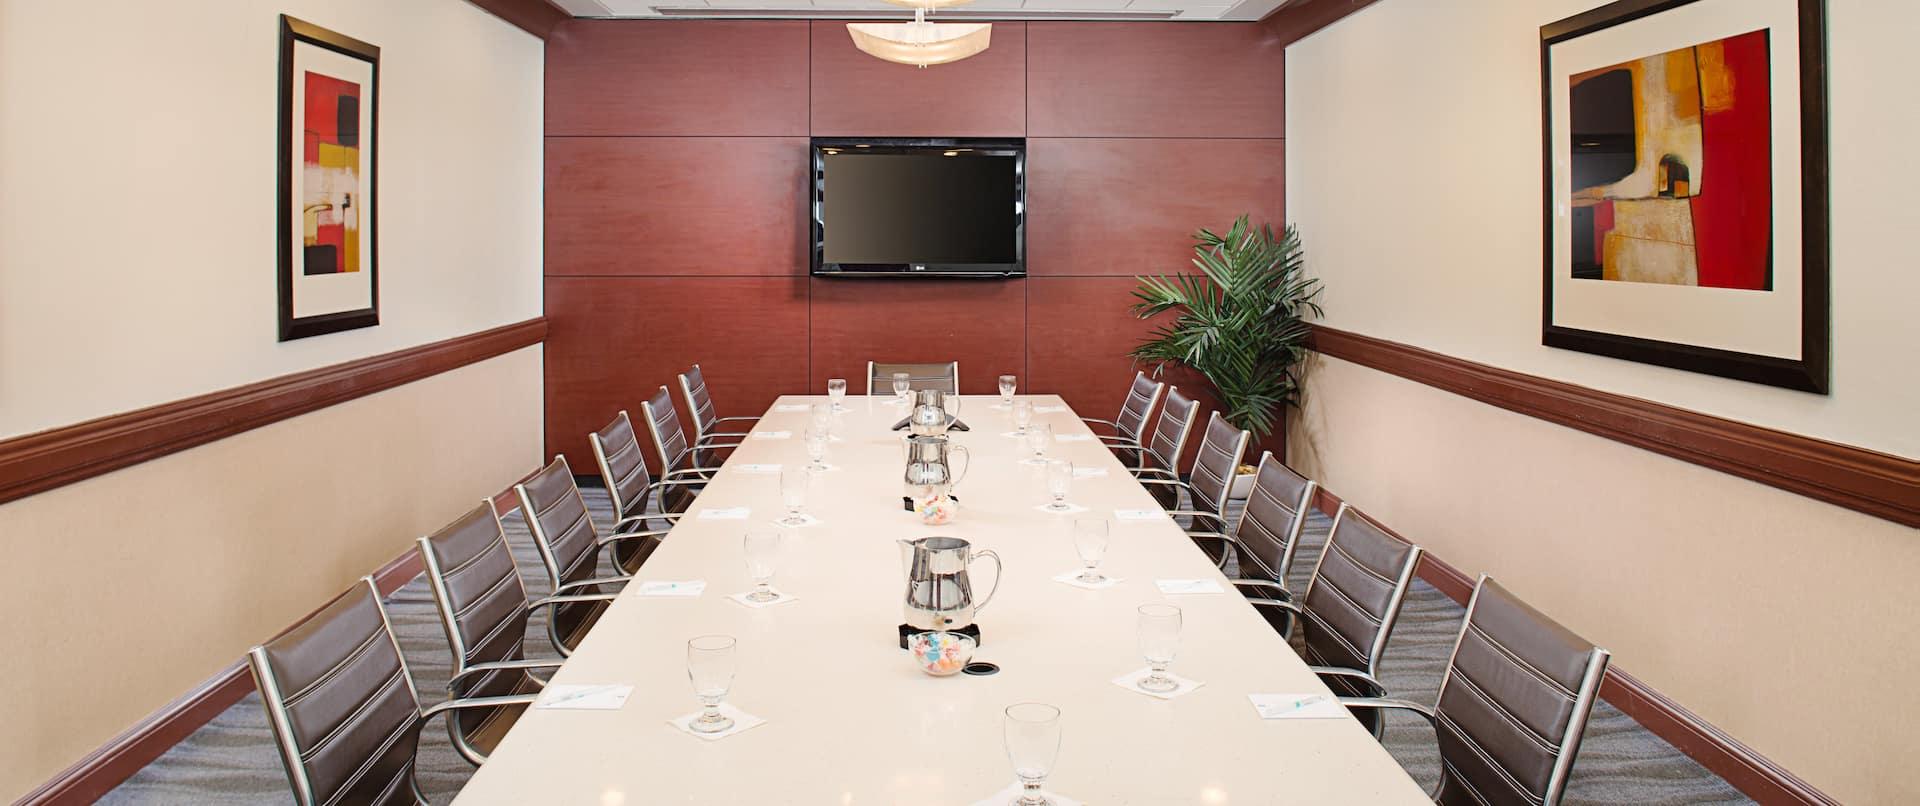 Hotel Board Room